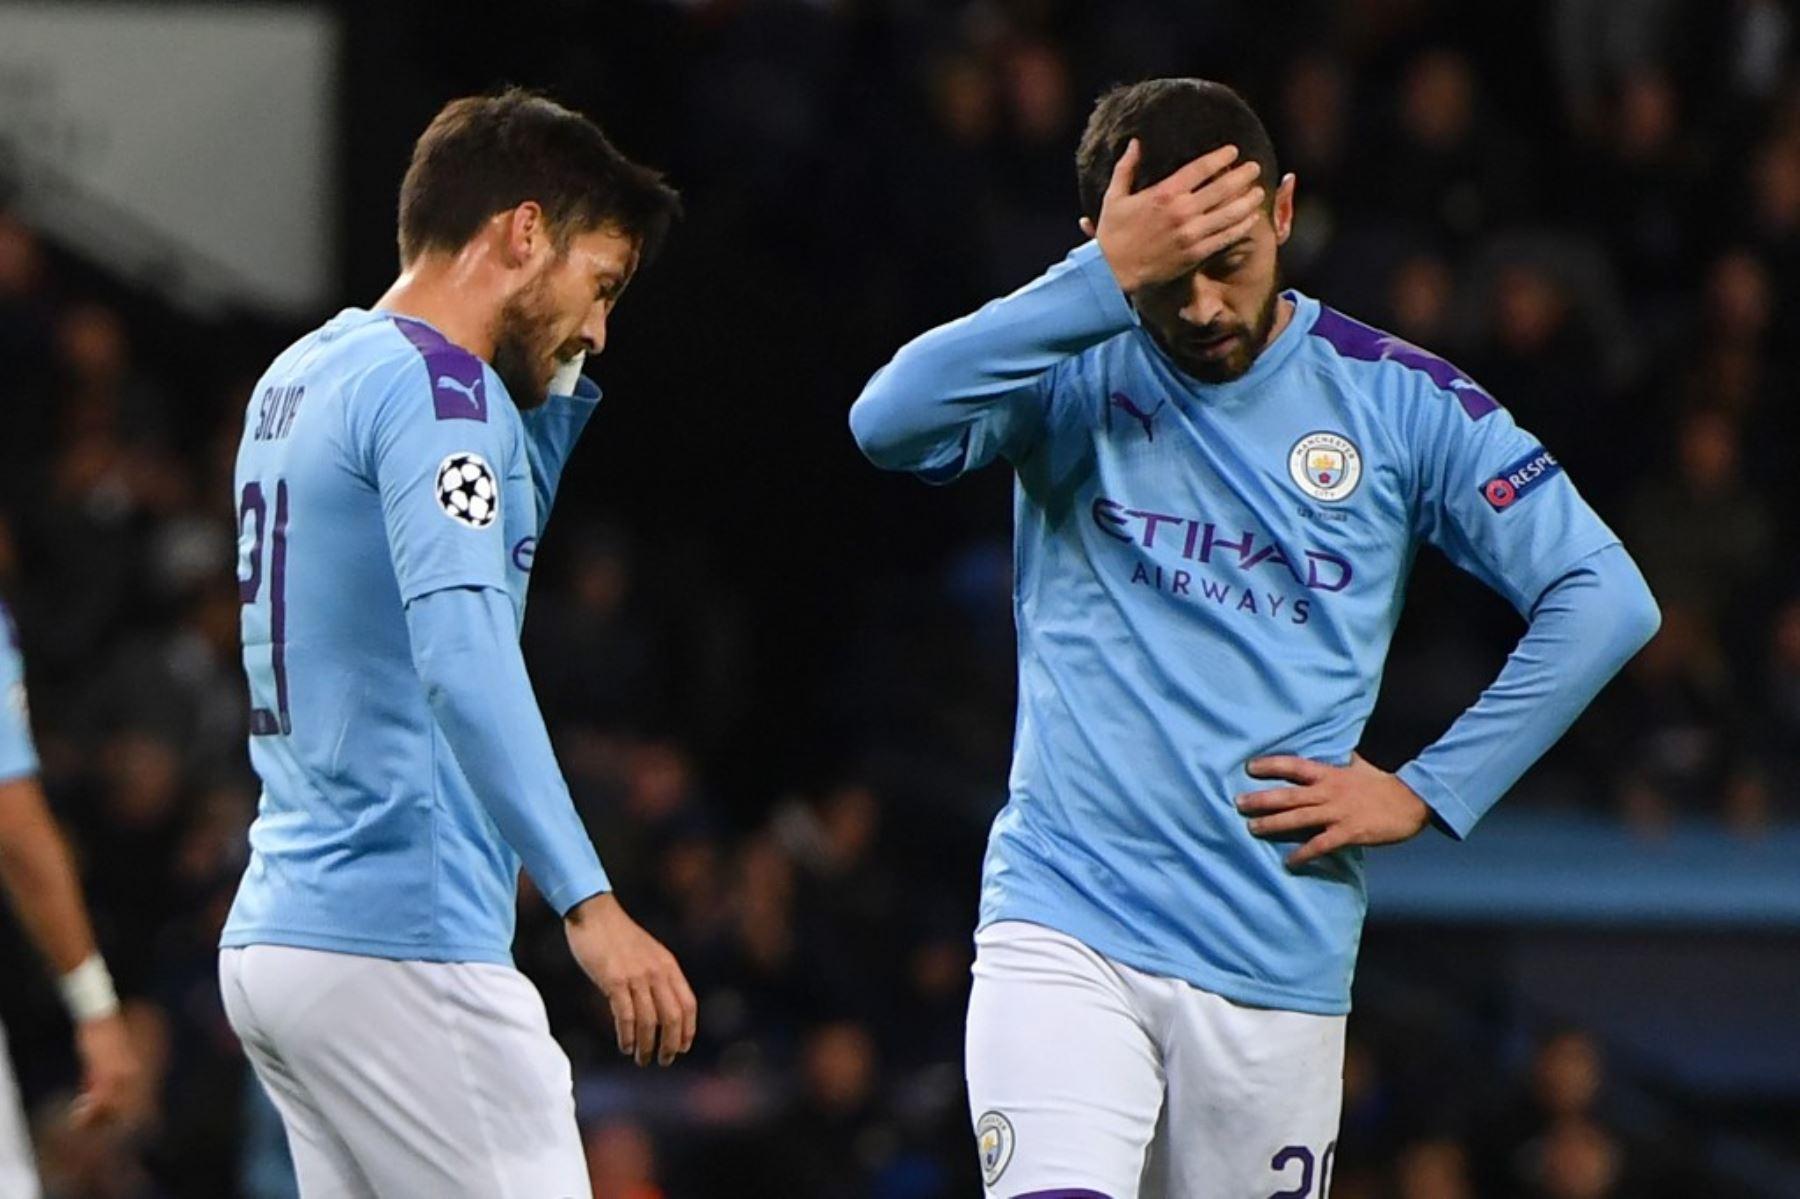 UEFA anunció el viernes que el City quedaría excluido dos años de toda competición europea y que debería pagar una multa de 30 millones de euros.